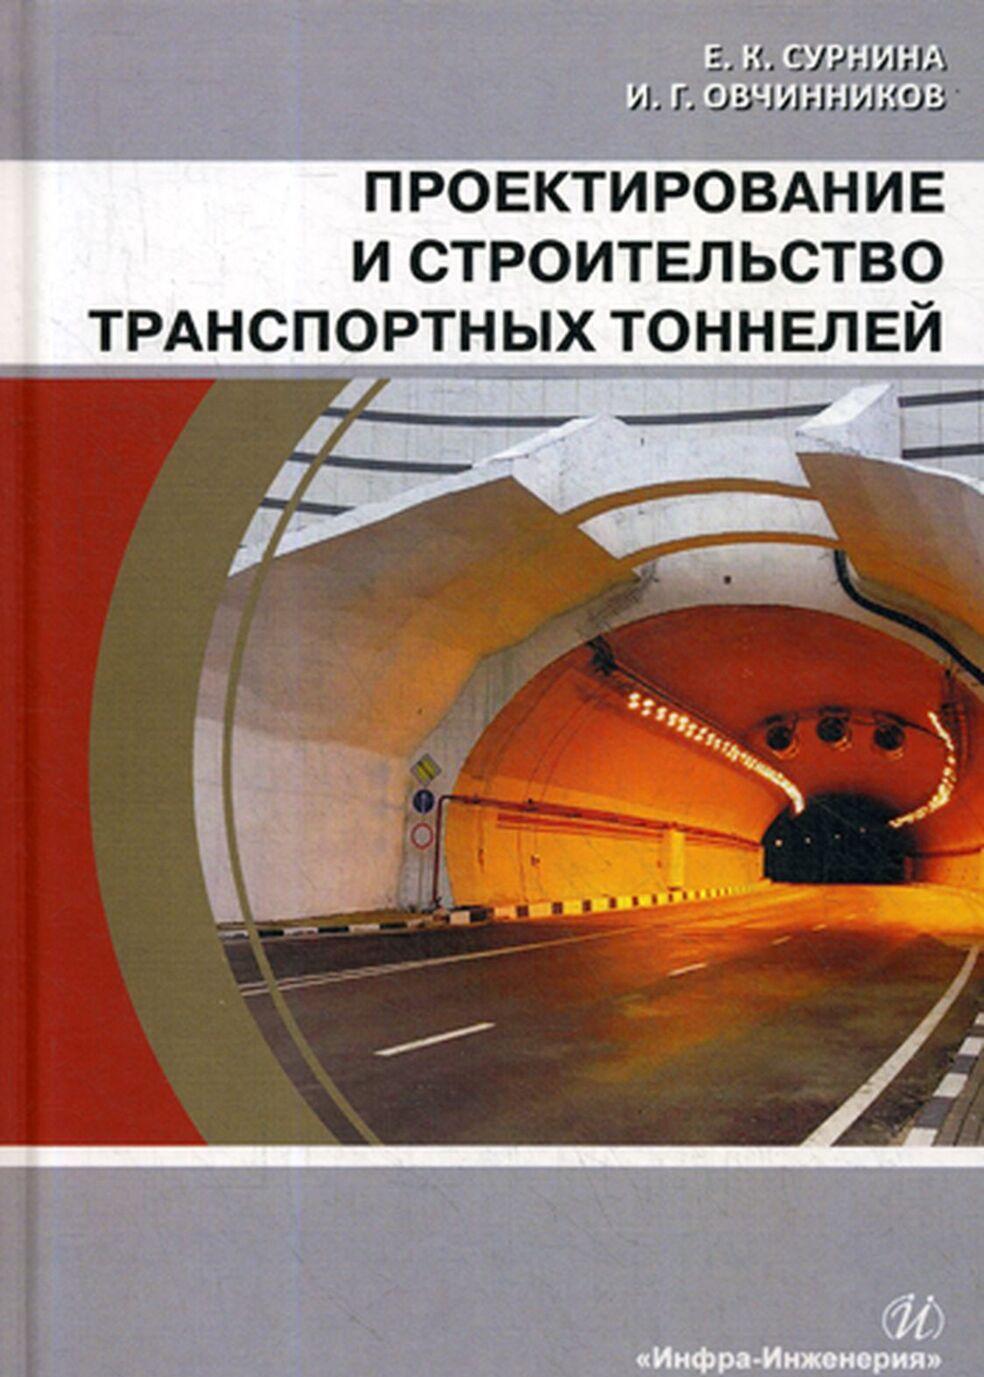 Proektirovanie i stroitelstvo transportnykh tonnelej. Uchebnoe posobie